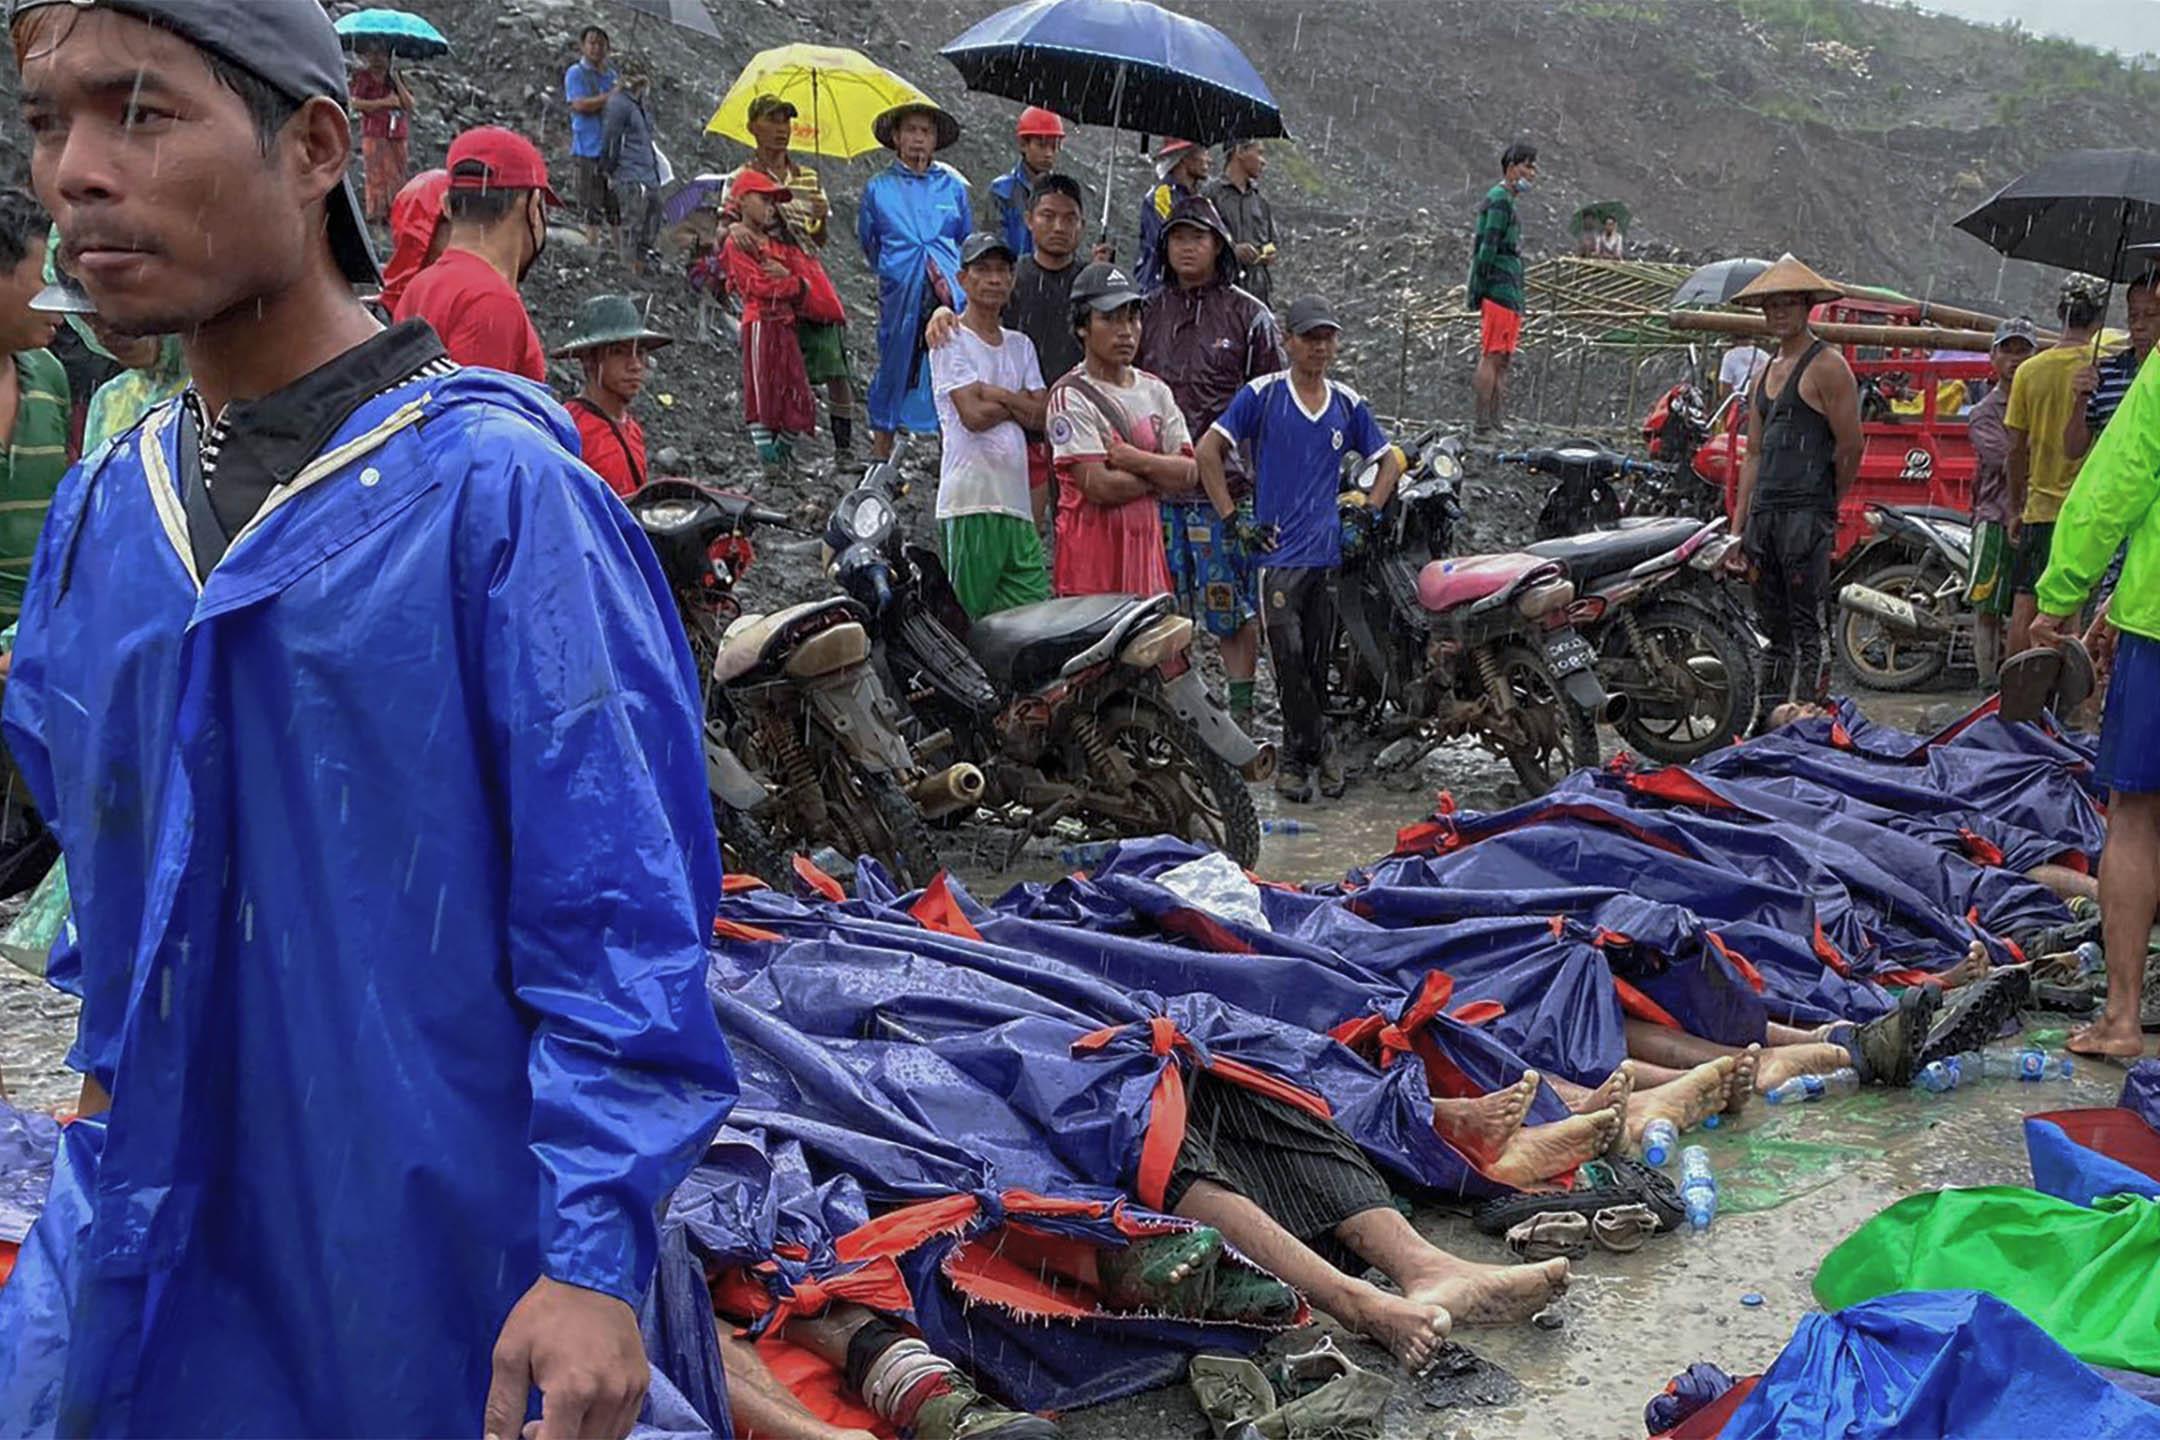 2020年7月2日緬甸,人們聚集在緬甸北部克欽邦帕敢地區一個玉礦場的受害者屍體旁。 攝:Myanmar Fire Service Department via AP/達志影像